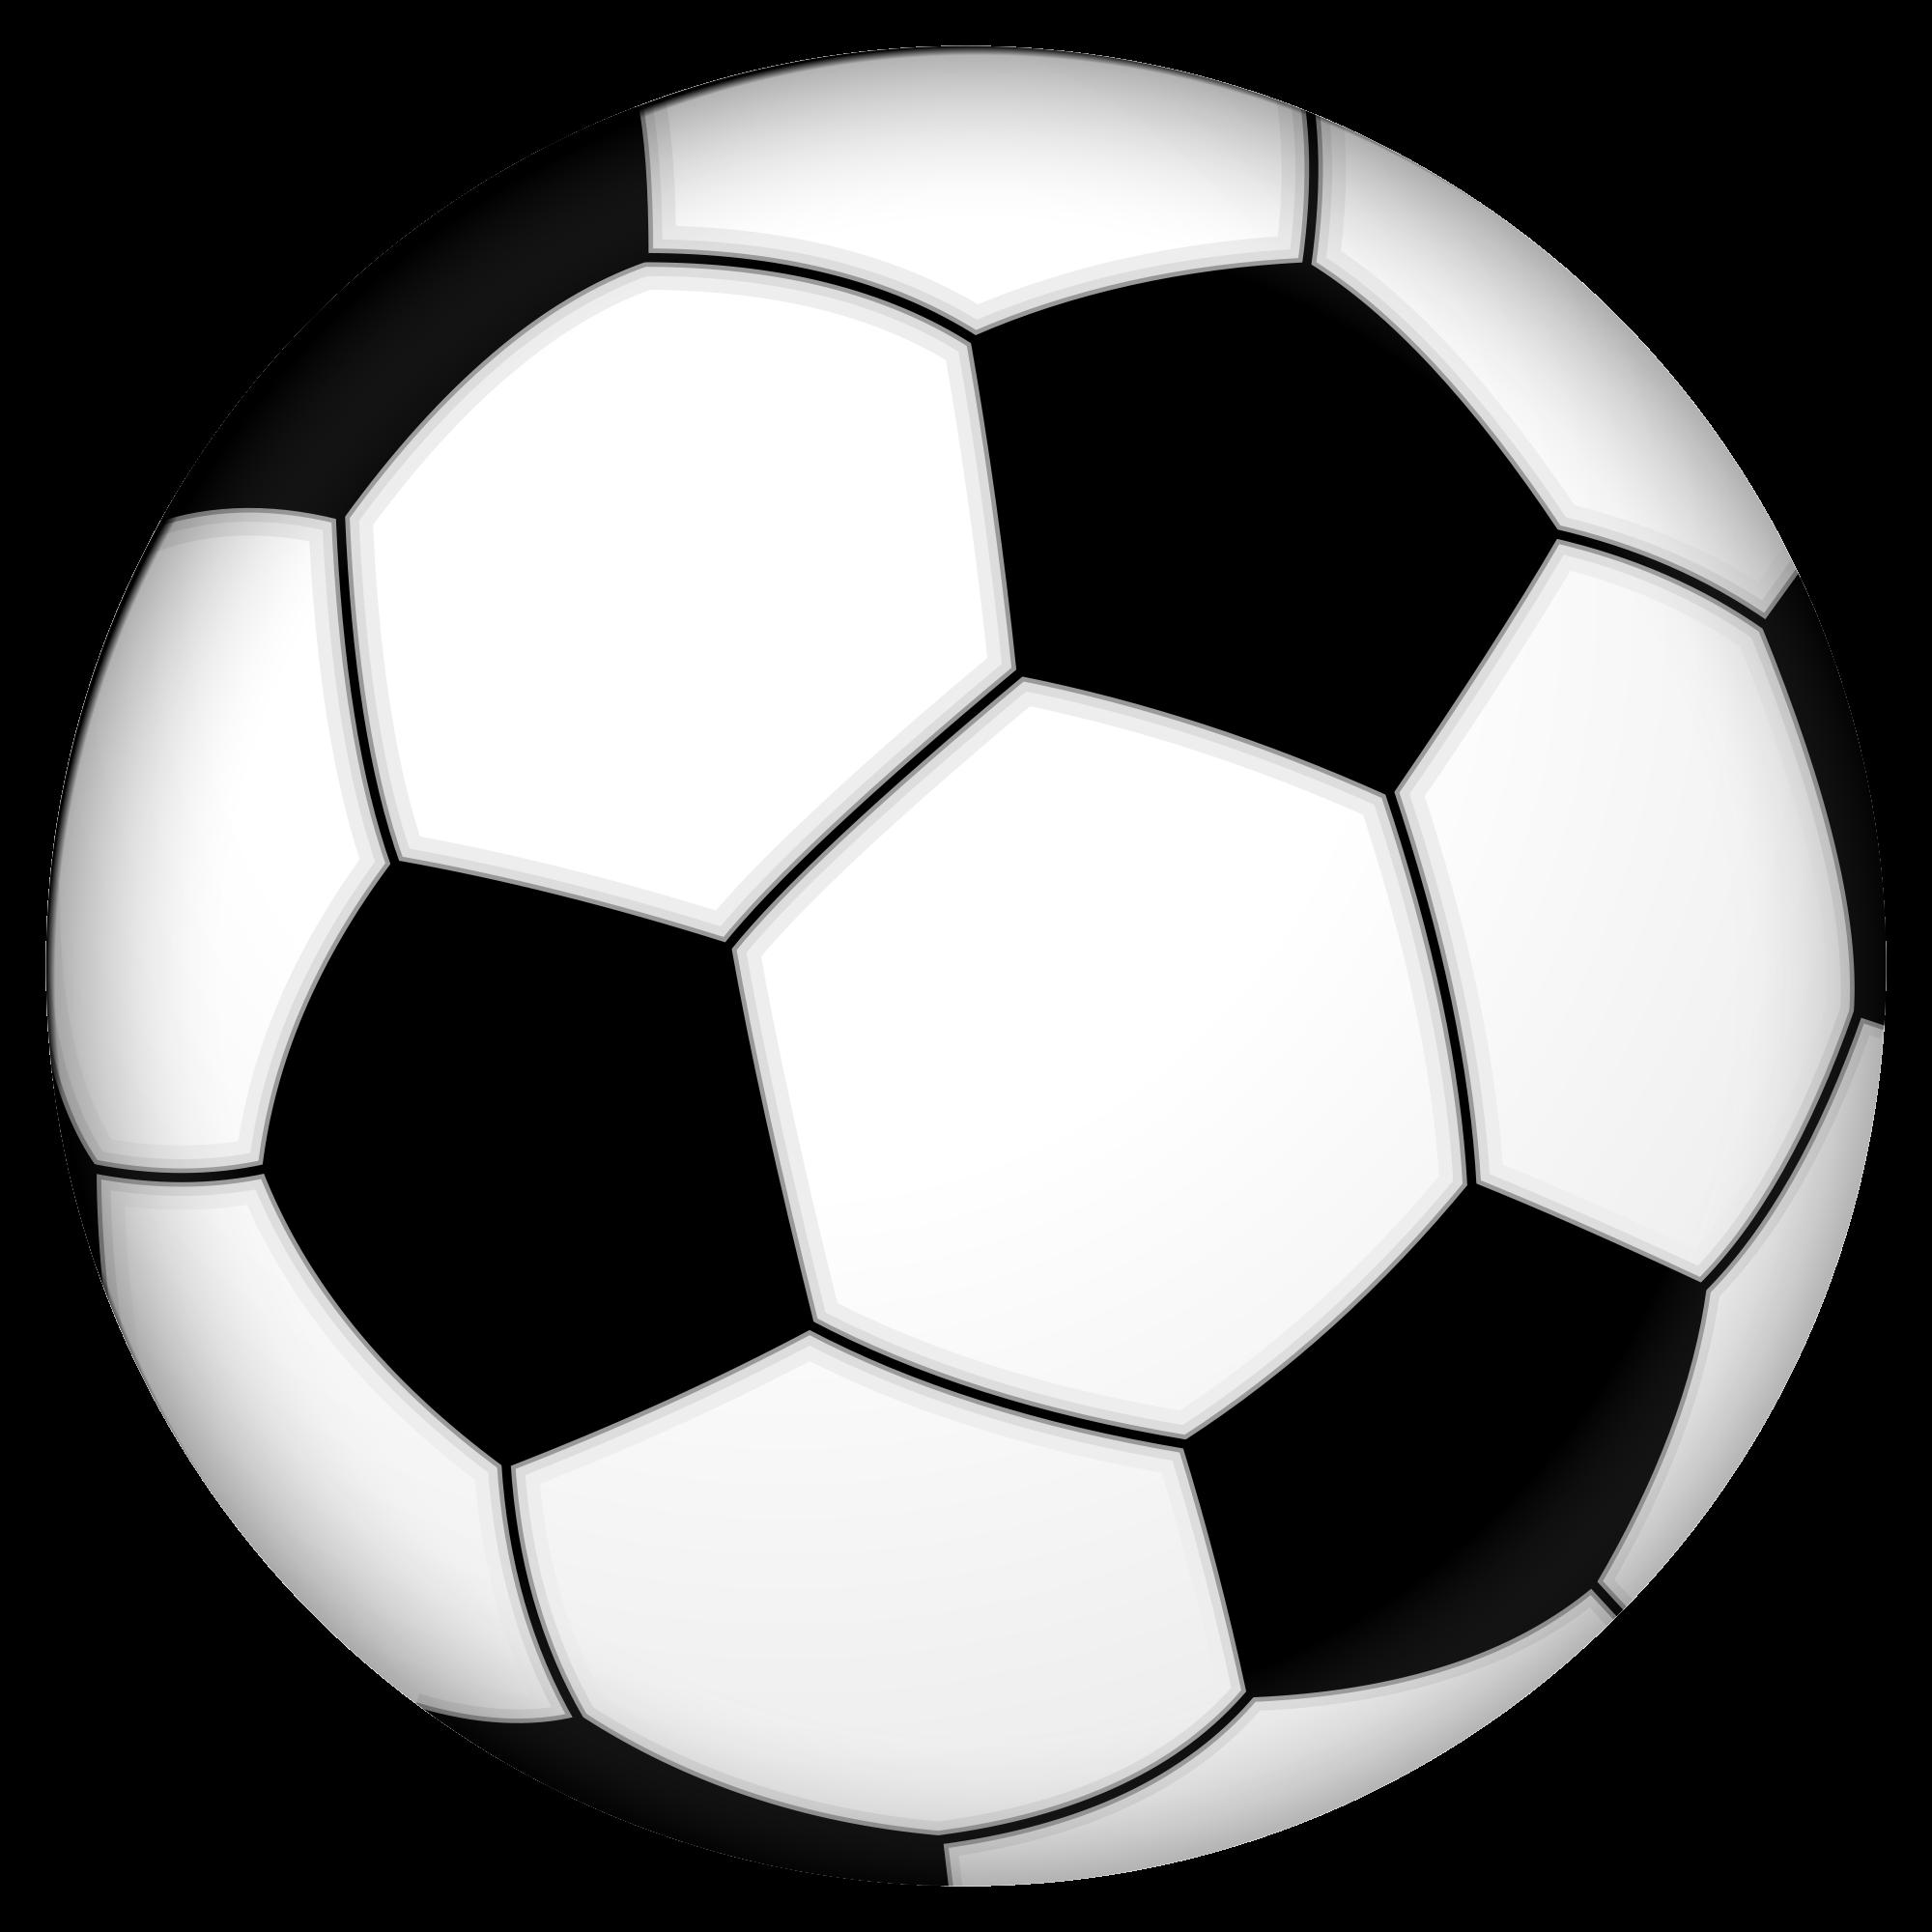 Soccer Ball Clip Art Png #26363.